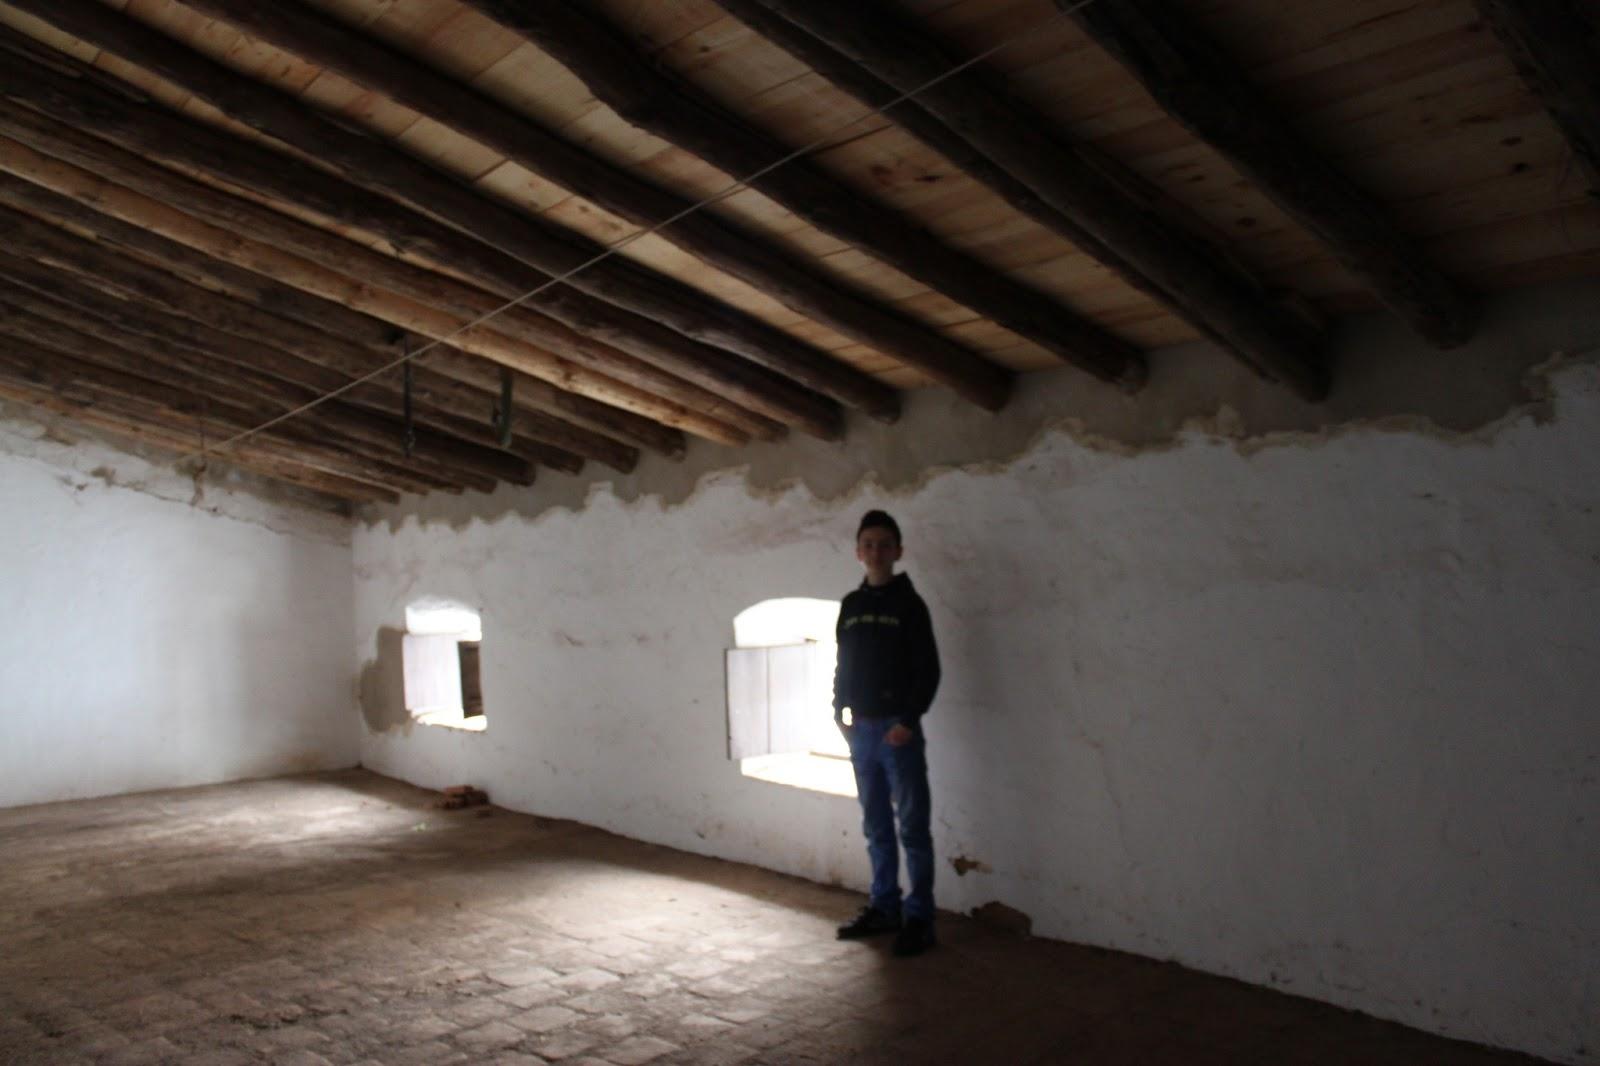 El doblao de antonio gonz lez el doblao - Como pintar un techo ...